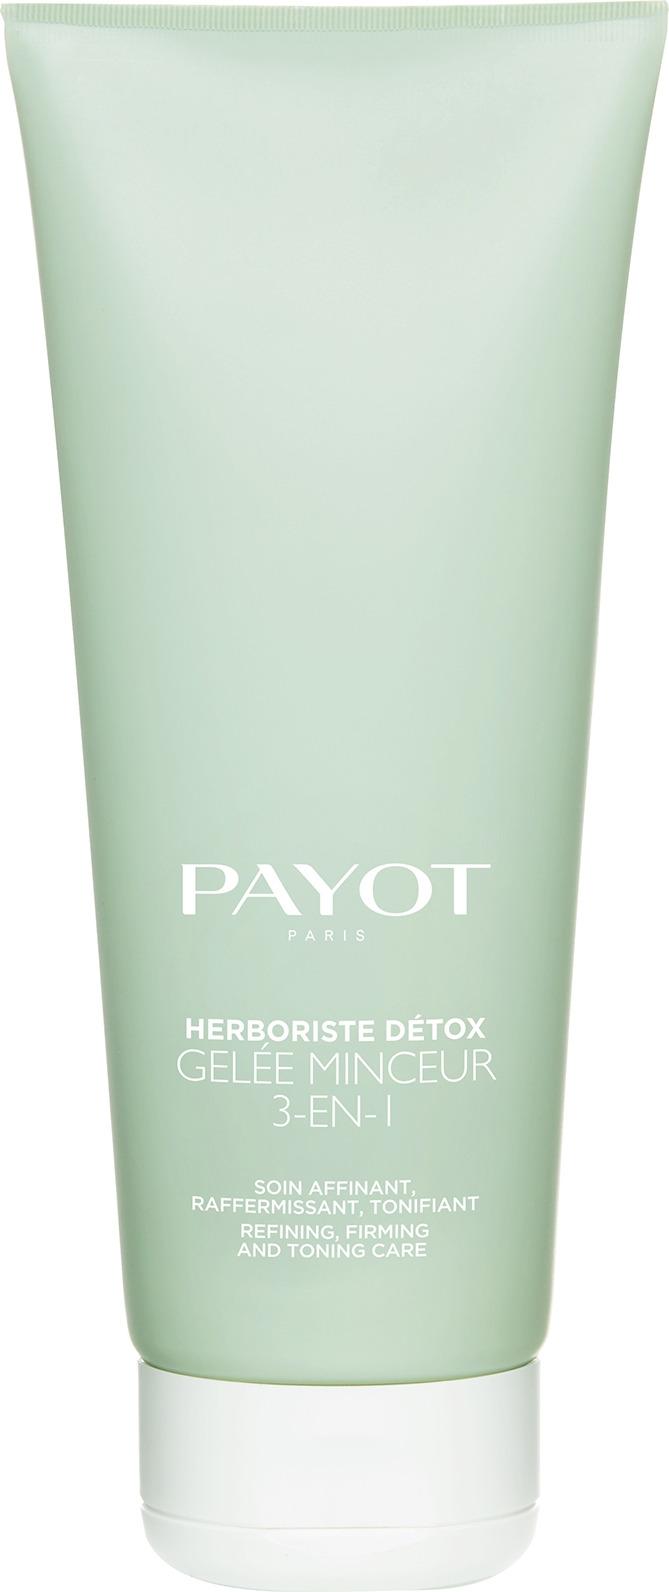 Тонизирующее средство Payot Herboriste Detox, для моделирования силуэта и повышения упругости кожи, 200 мл Payot